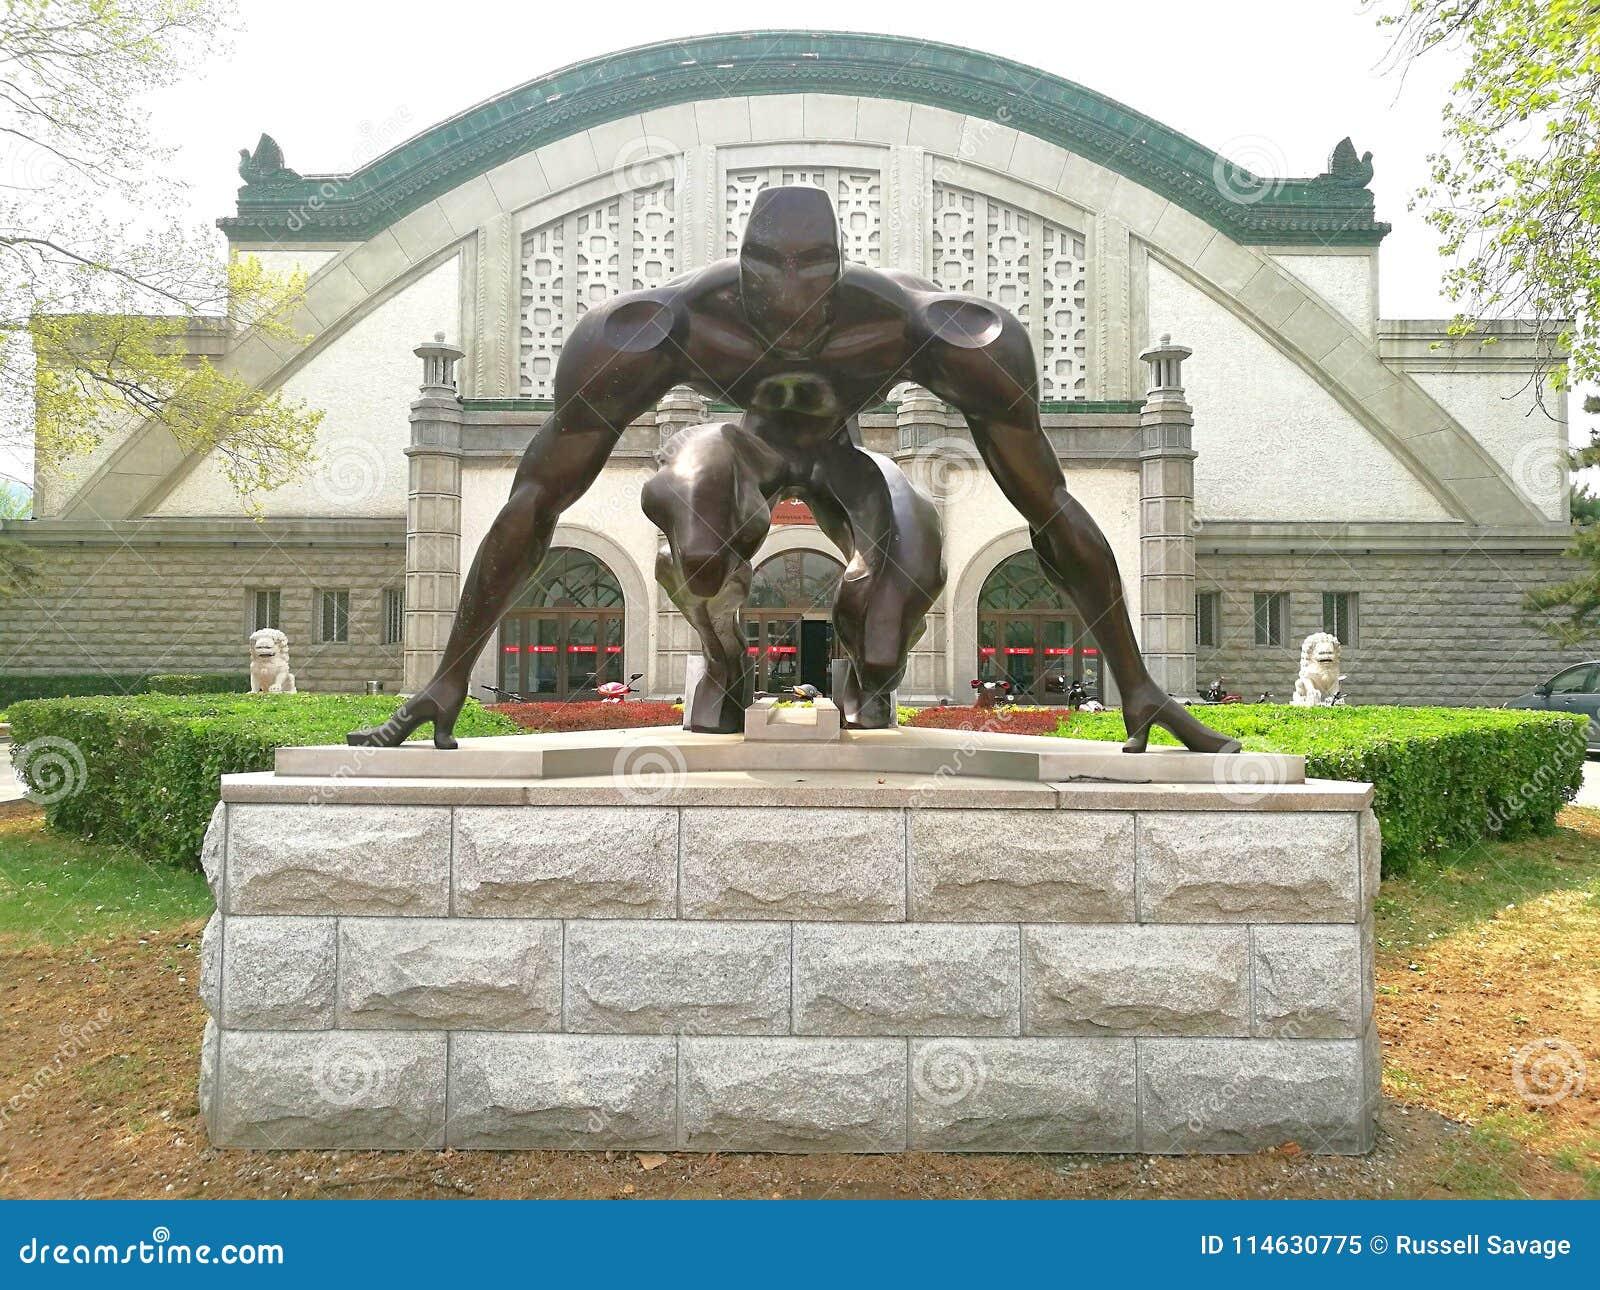 Статуя исходного рубежа спортсмена бегуна